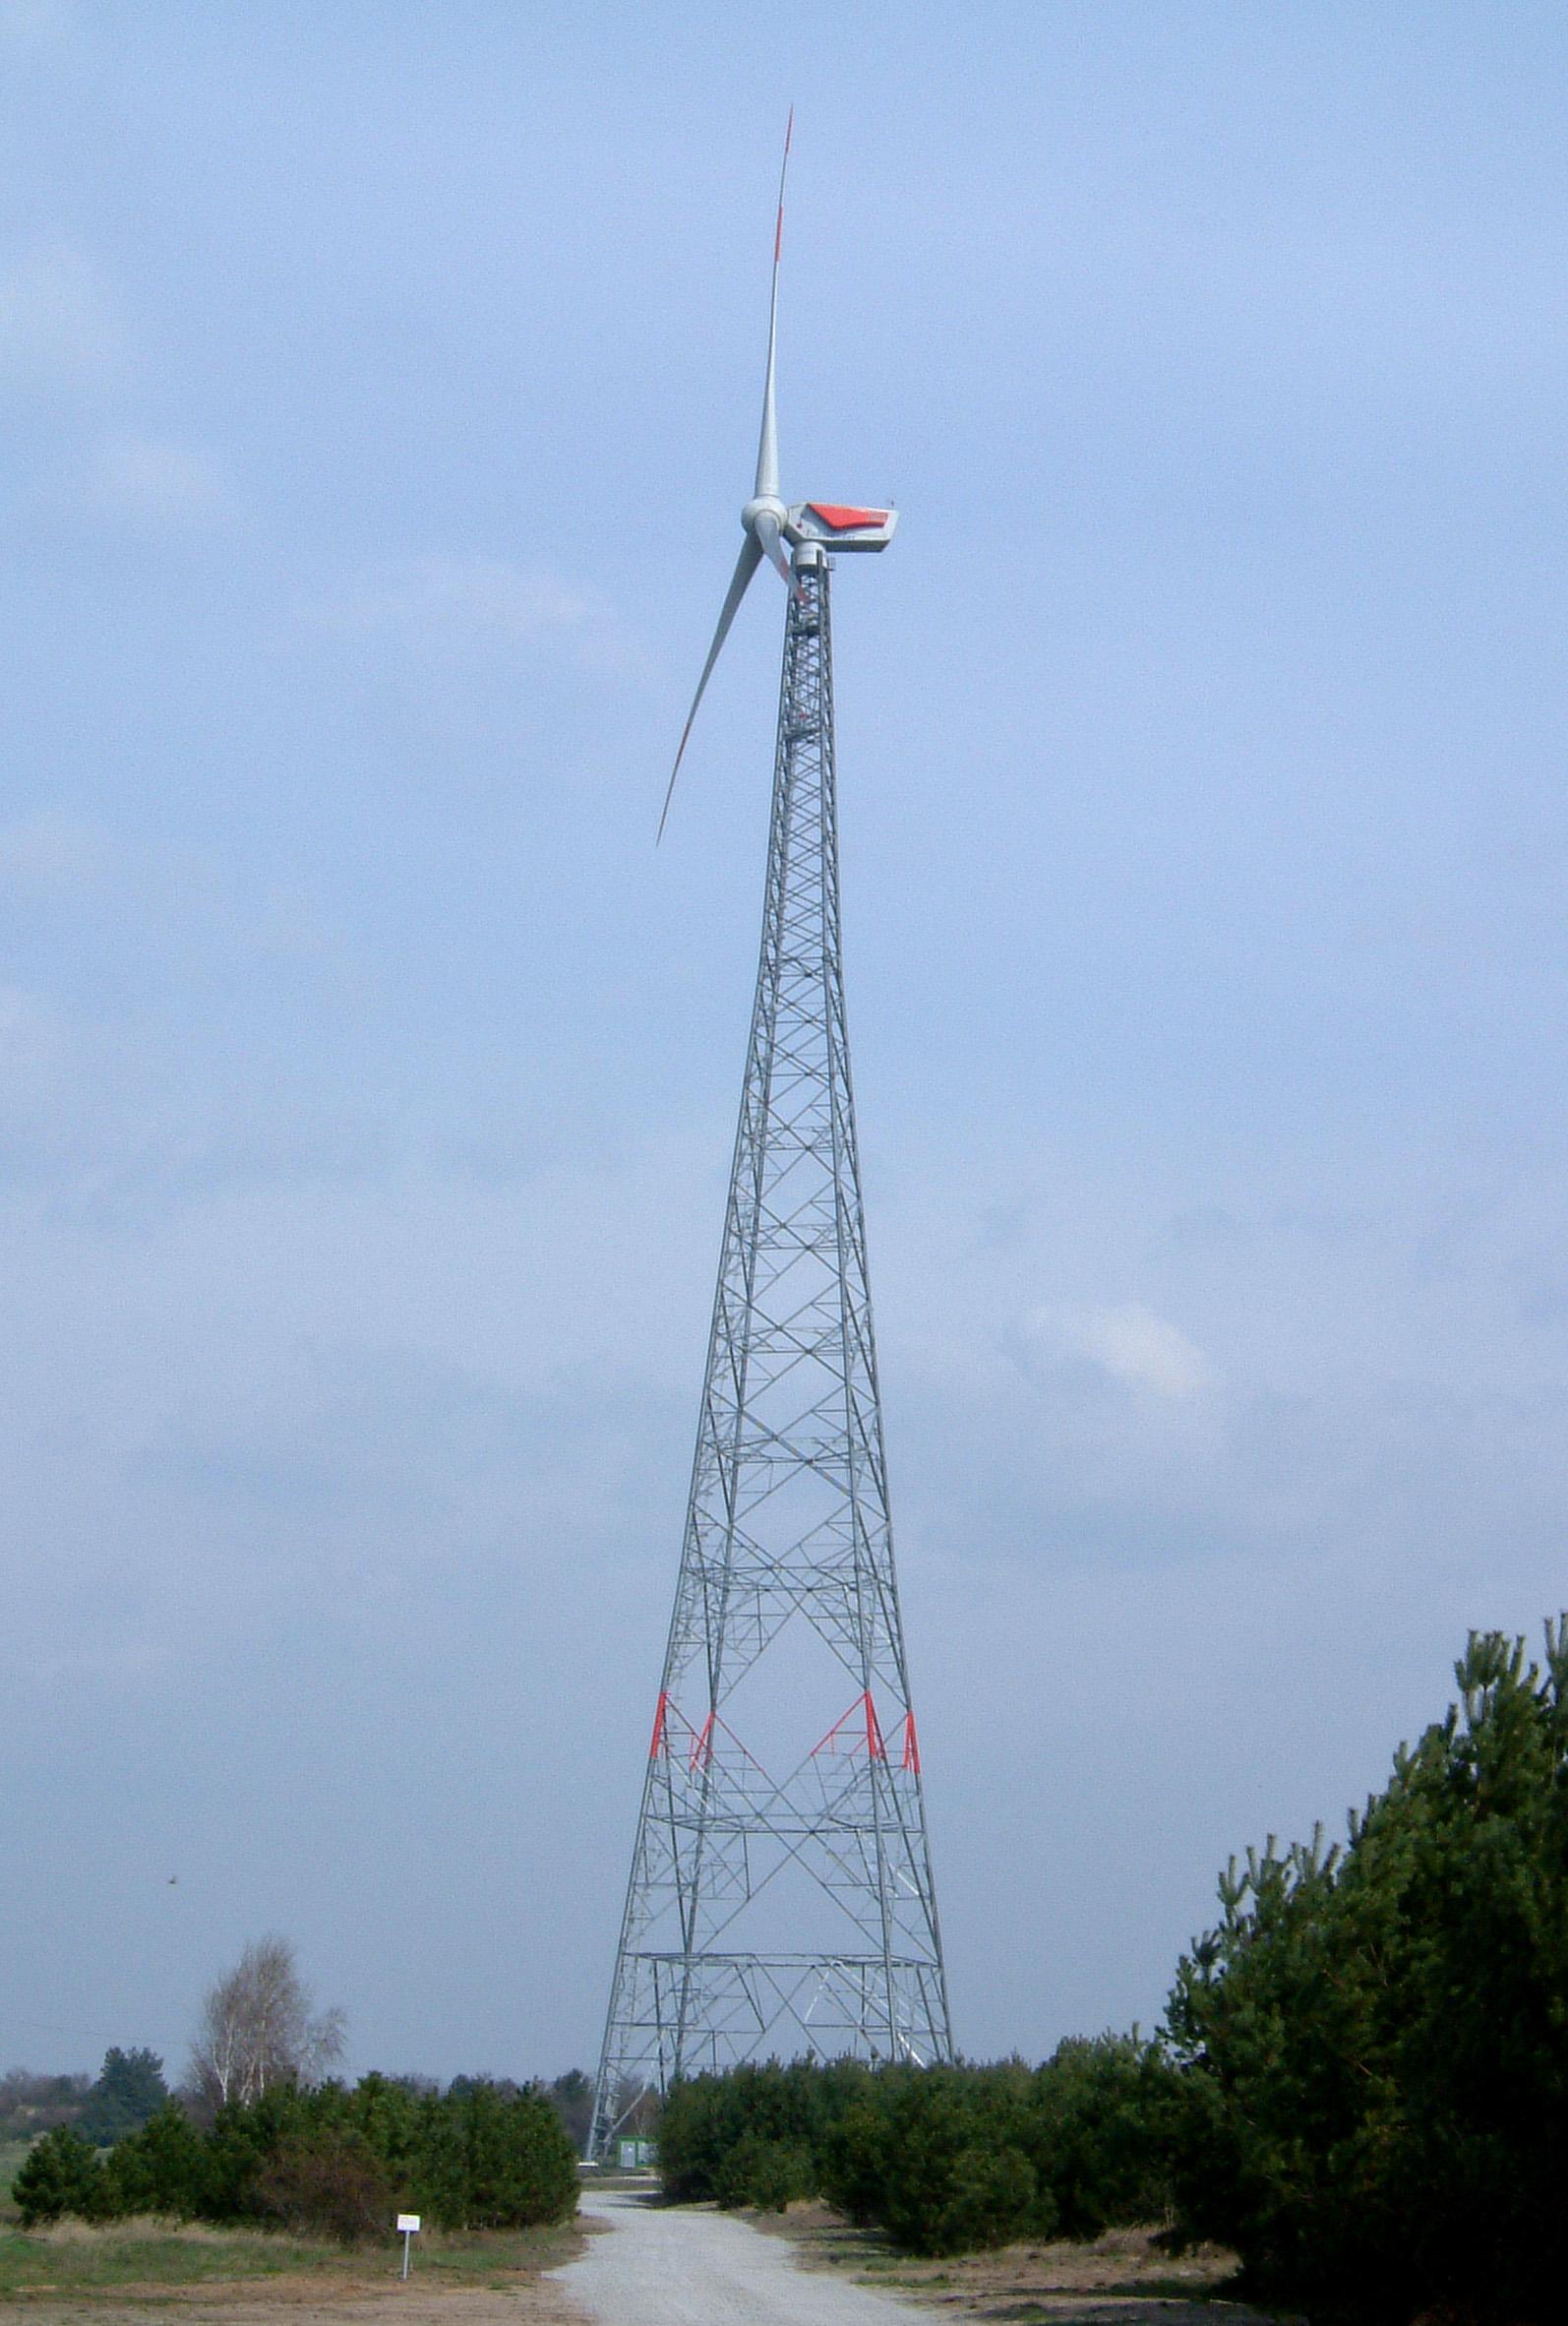 Fuhrl U00e4nder Wind Turbine Laasow